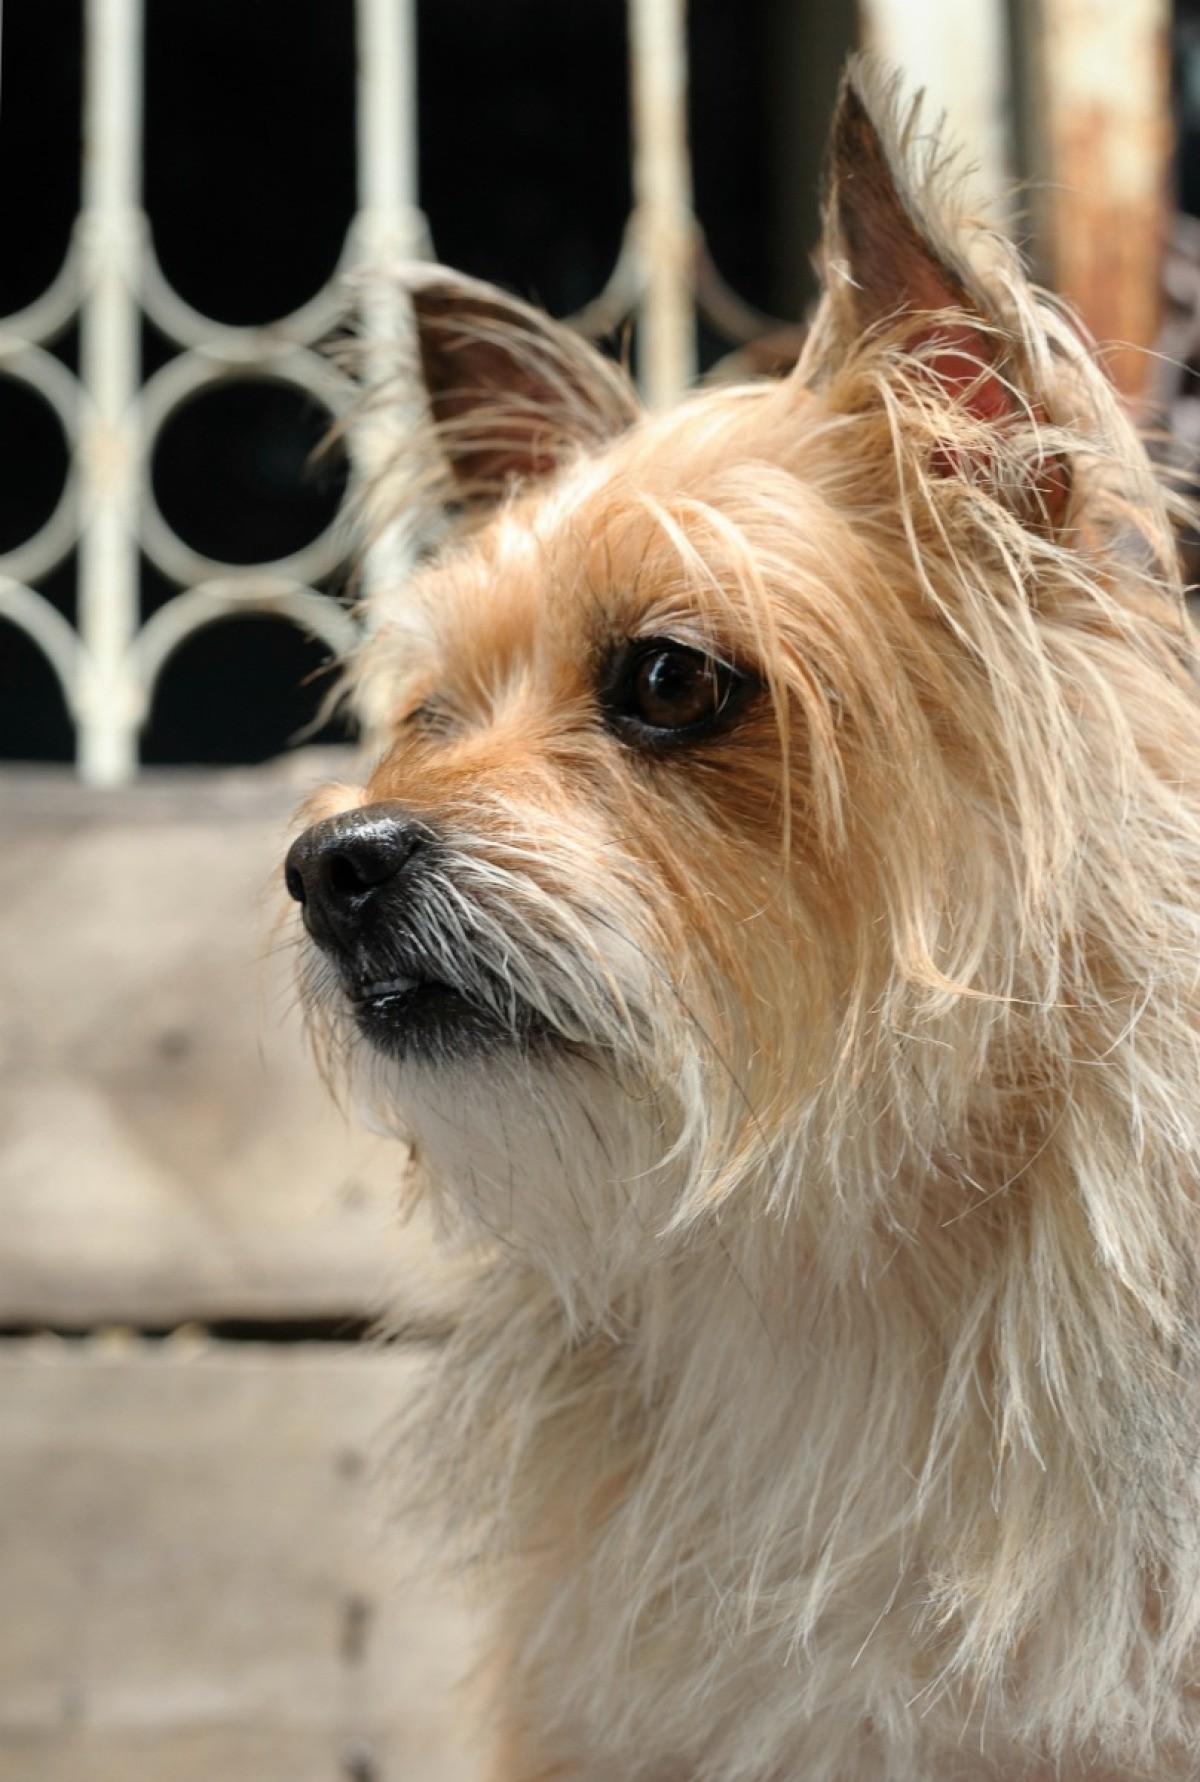 Terrier Mix Photos Thriftyfun